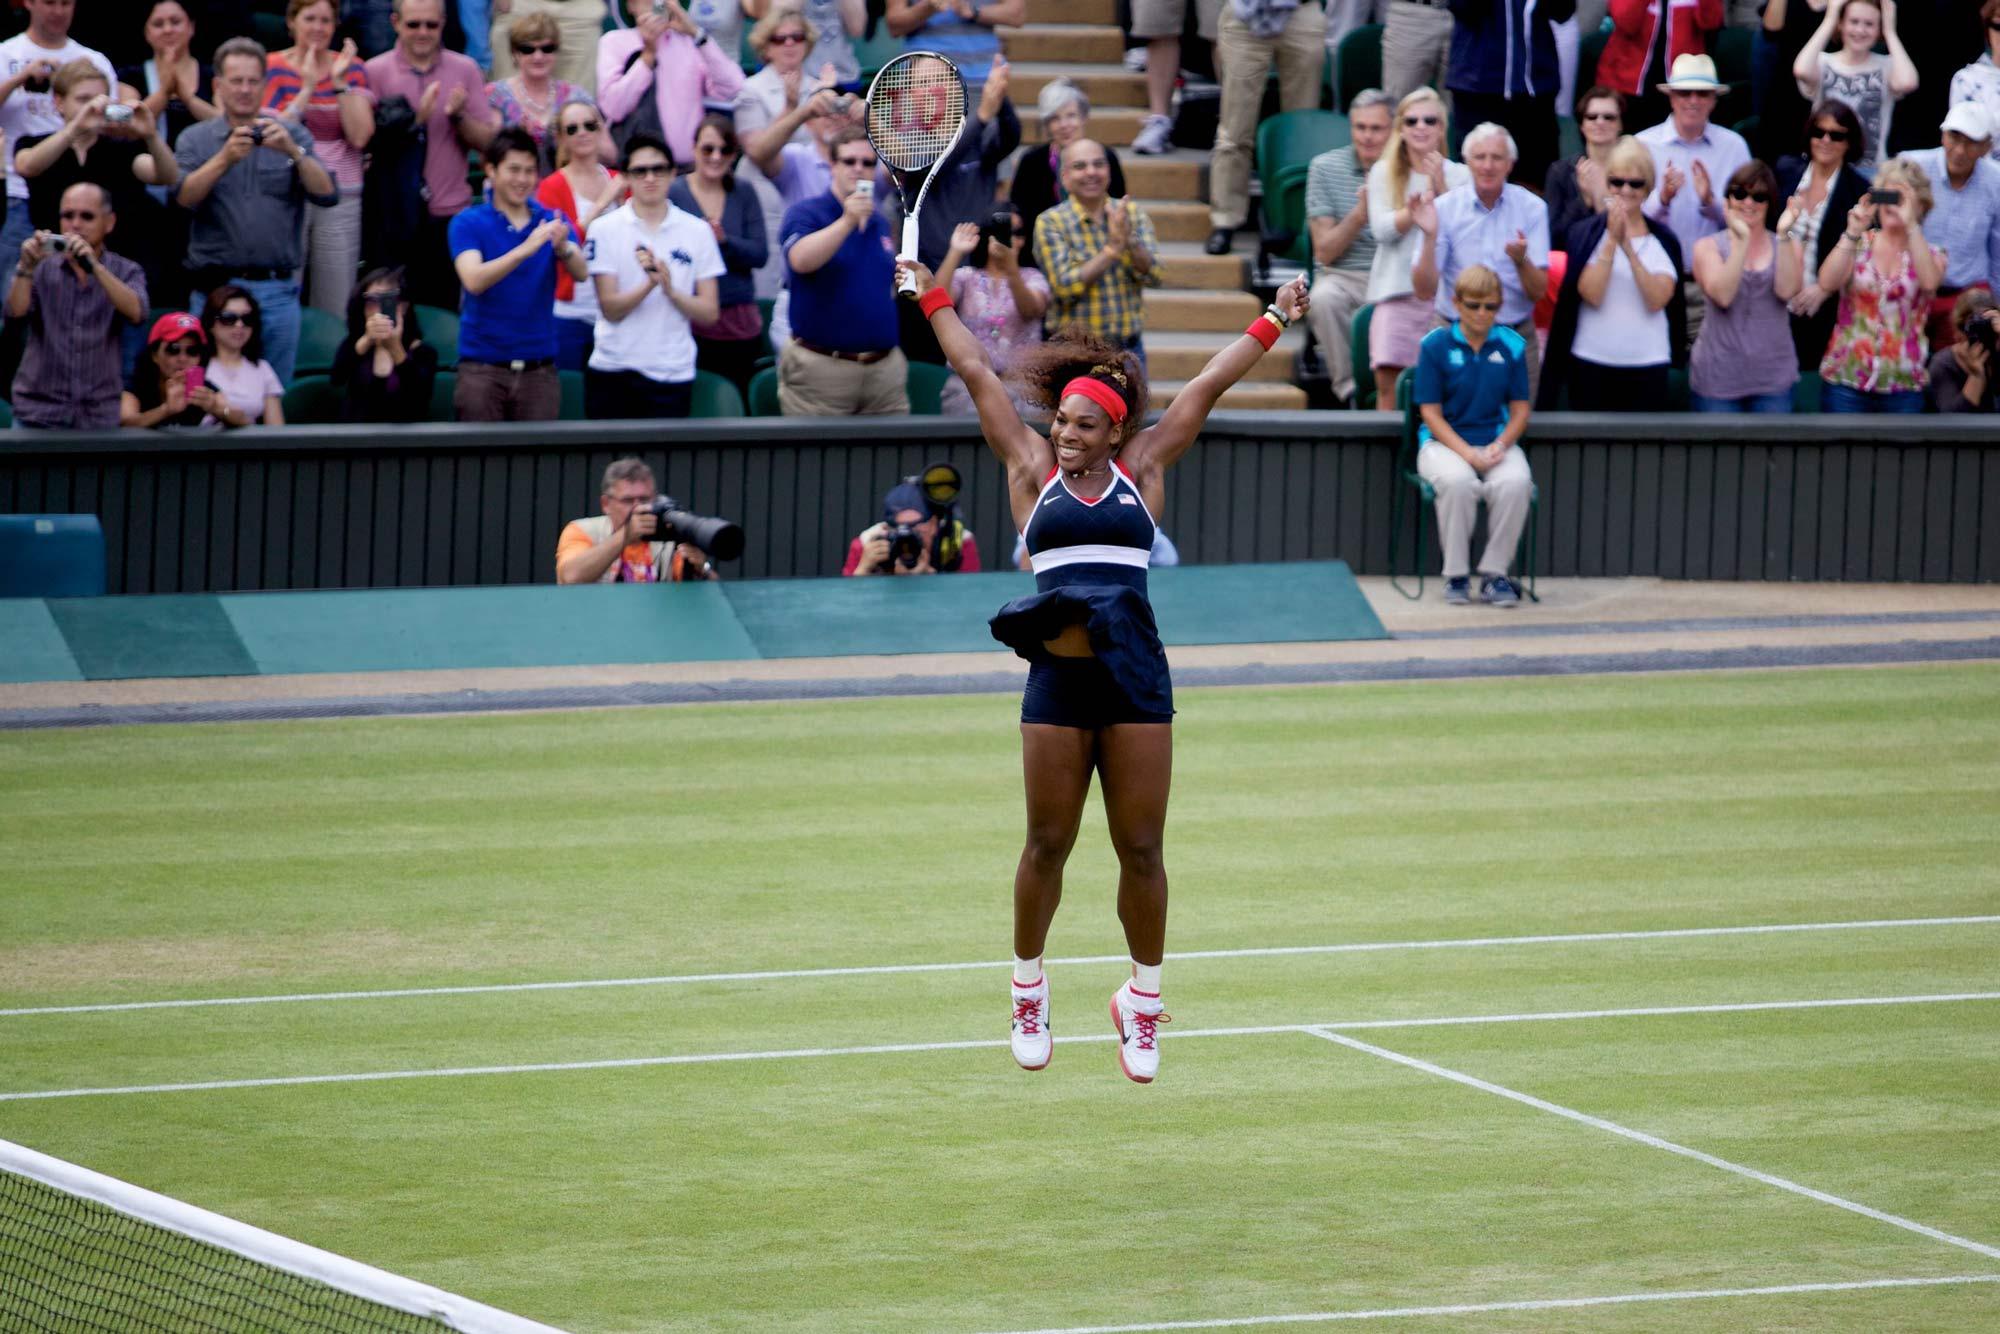 women sport serena - <b>«Если ты профессионалка, то это случайность».</b> Как дискриминируют женщин в спорте - Заборона